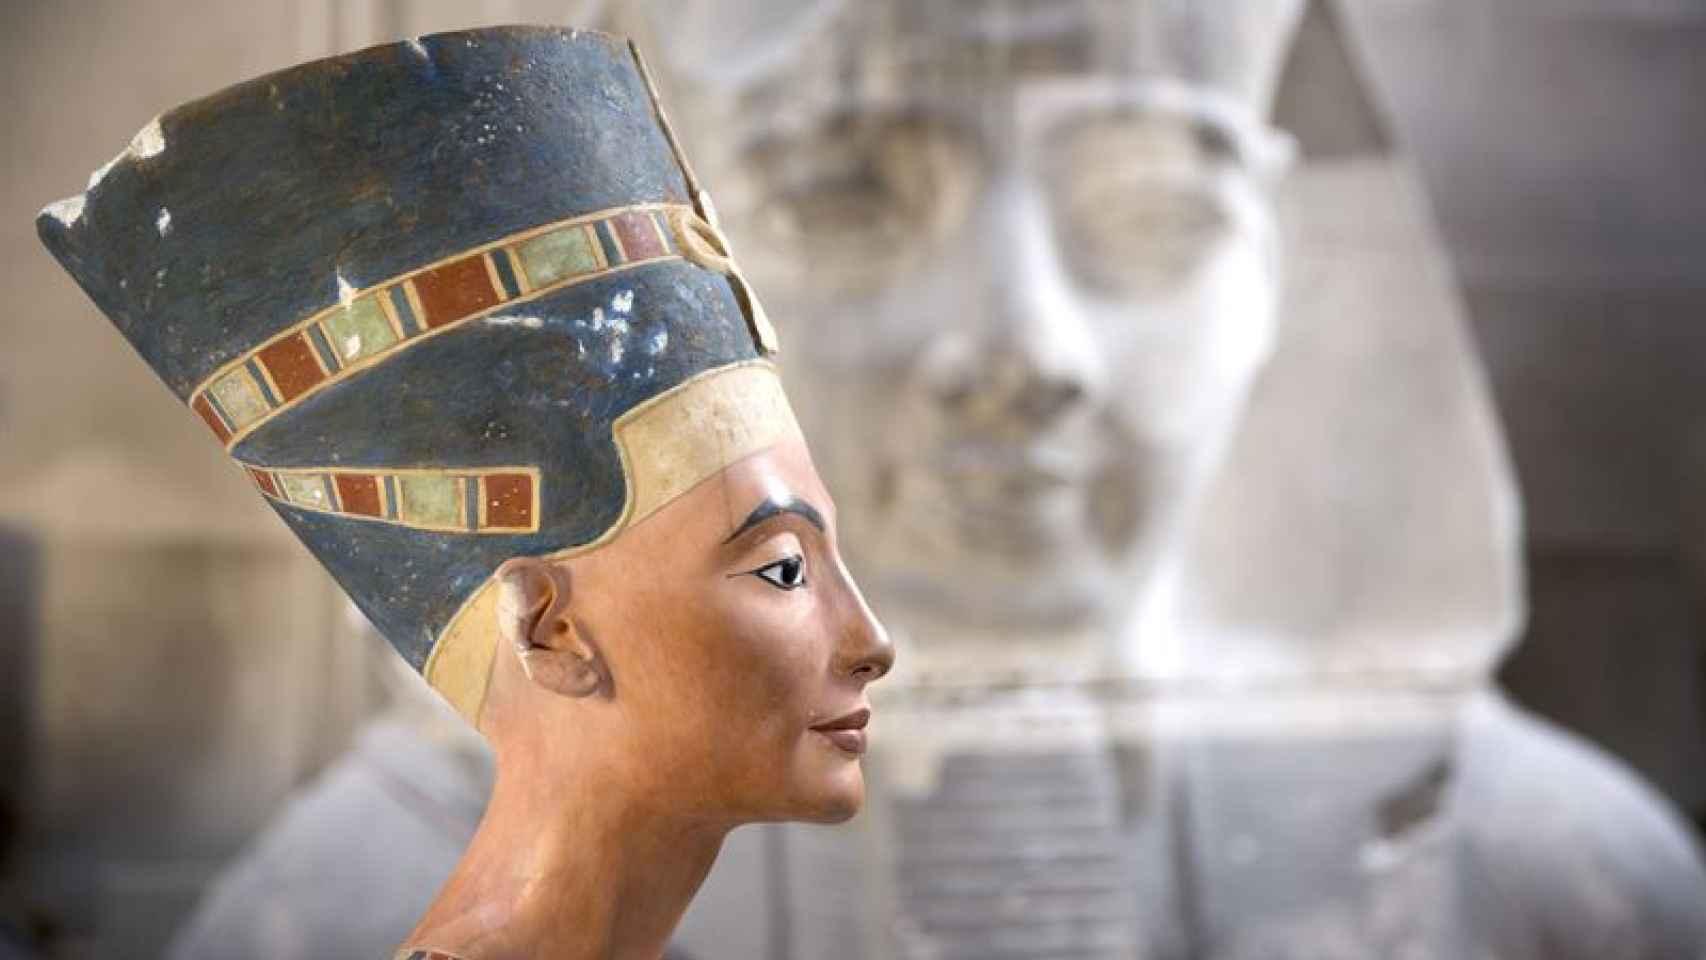 Busto de la diosa egipcia Nefertiti